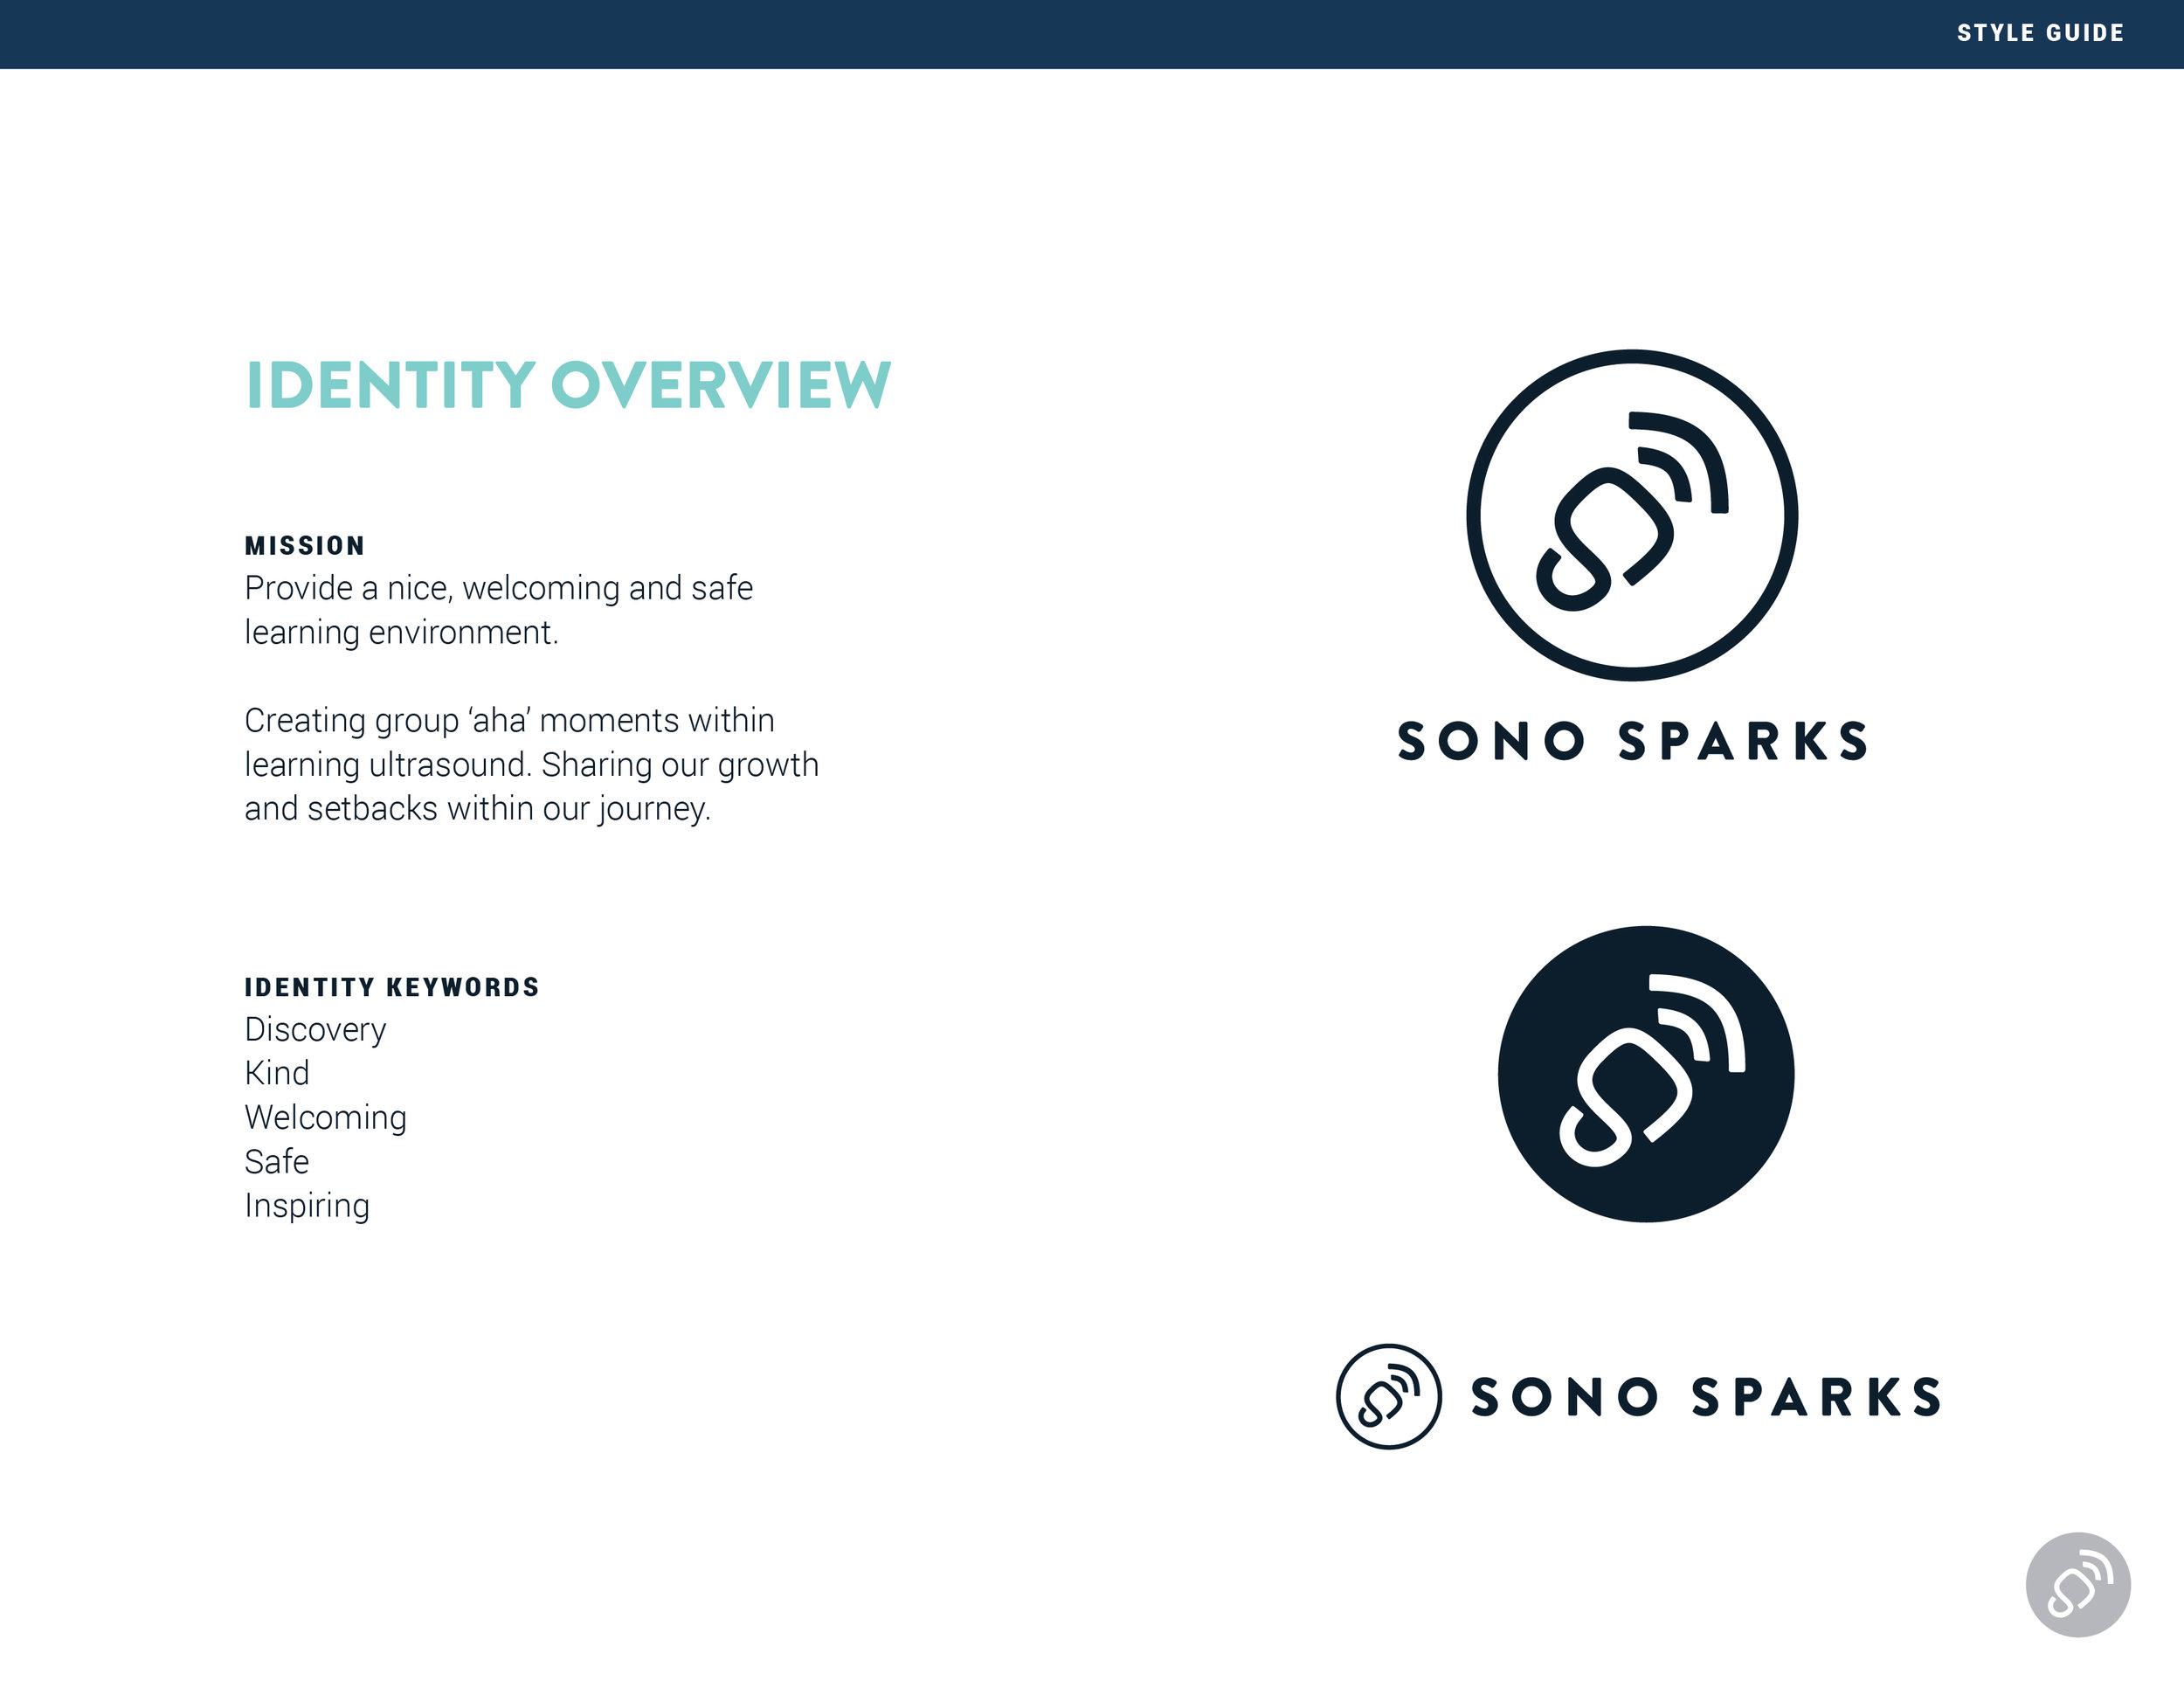 SonoSparks_StyleGuide-03.jpg